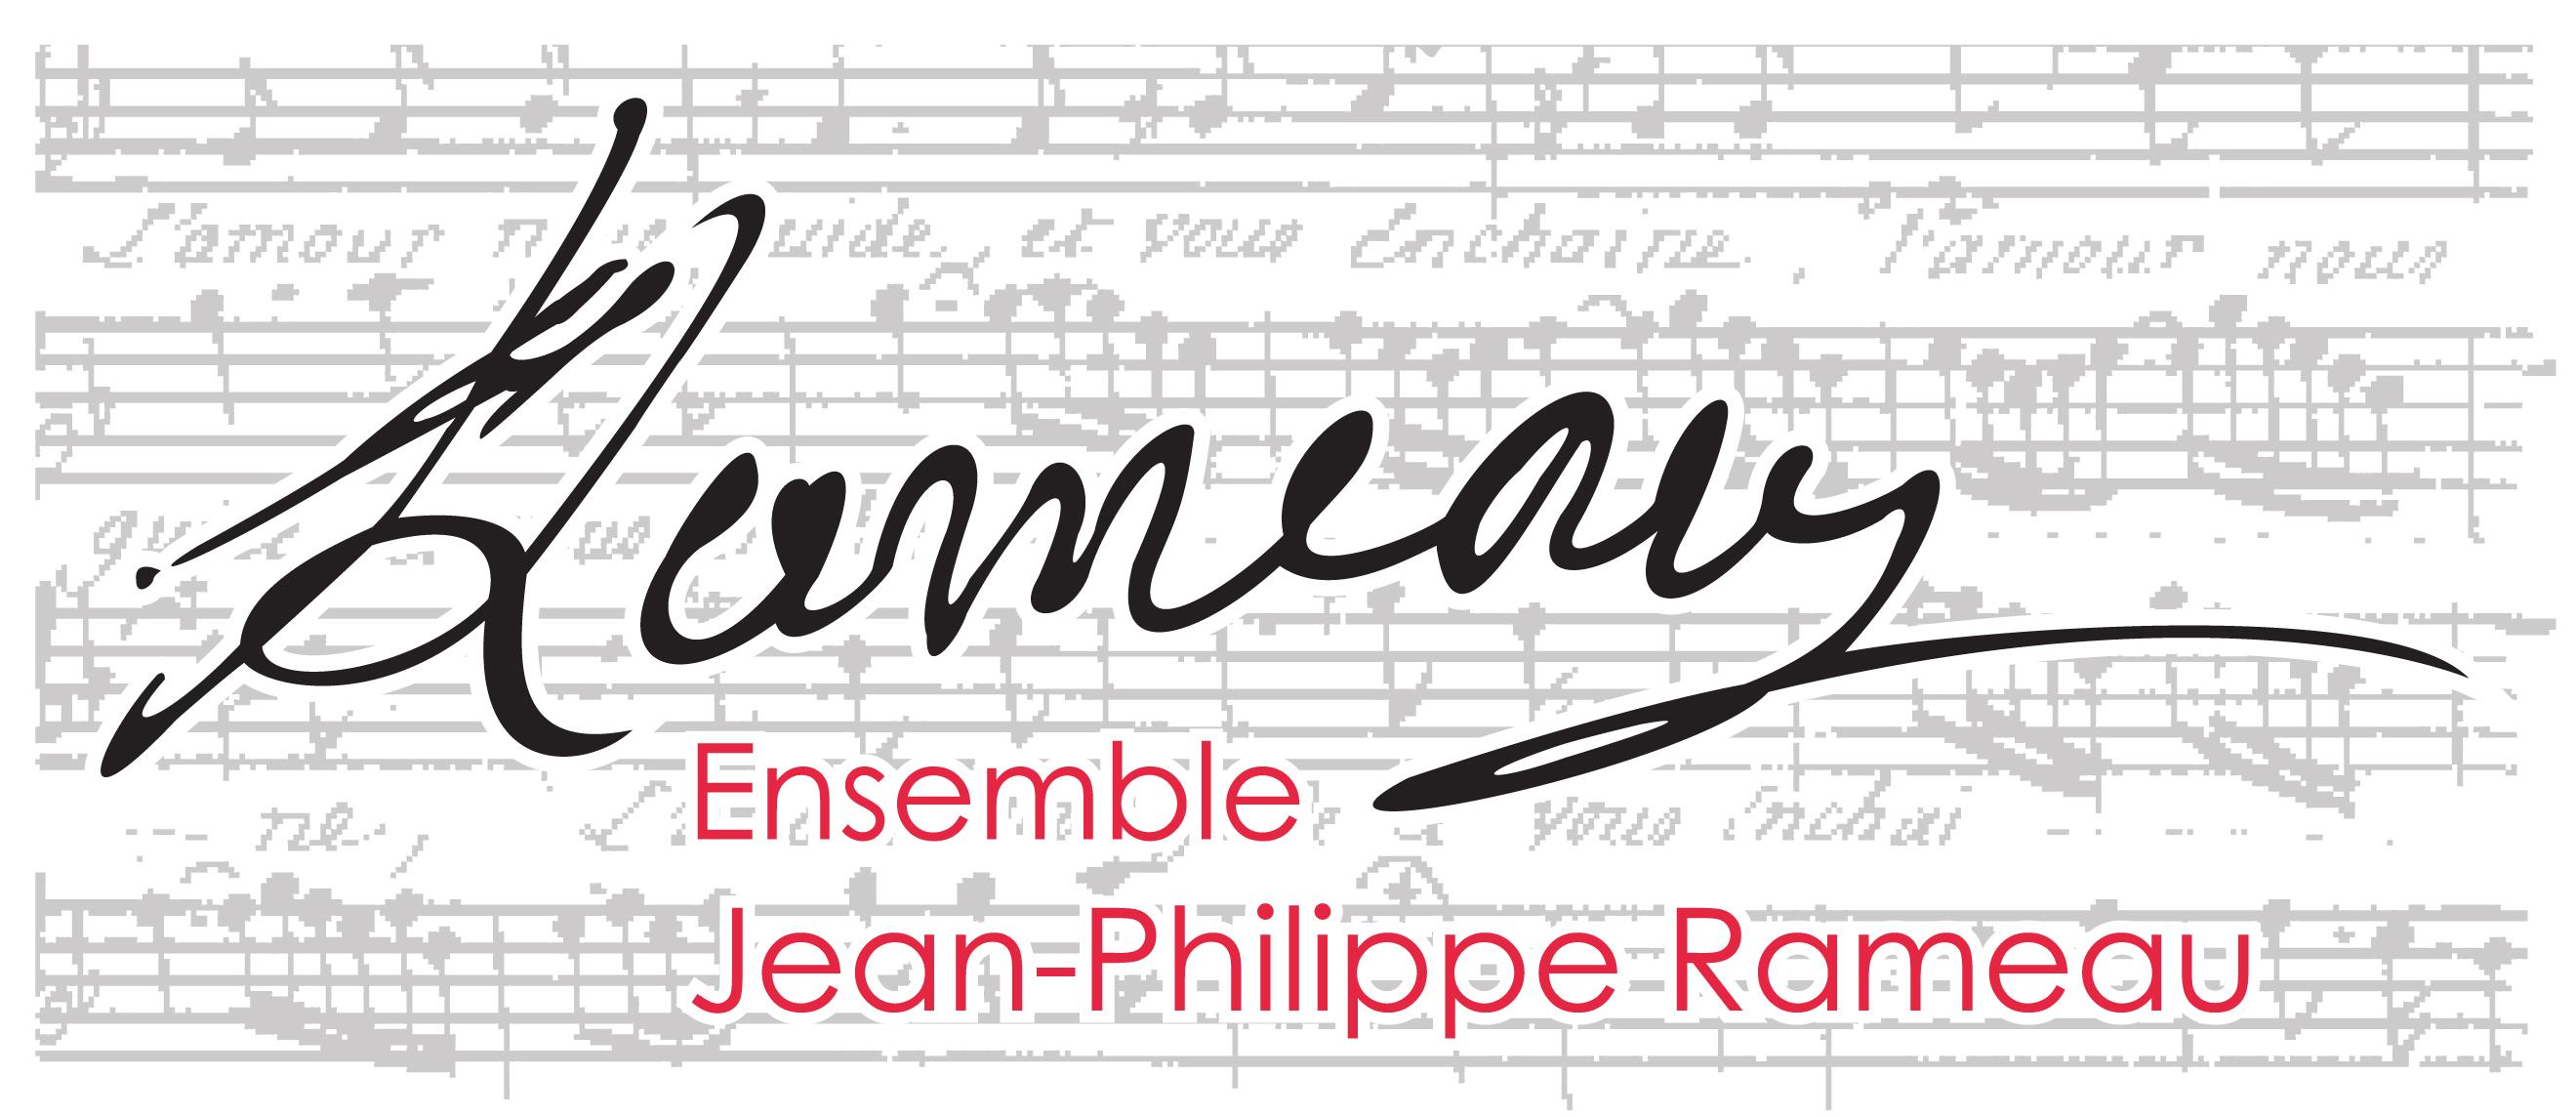 Ensemble Jean Philippe Rameau